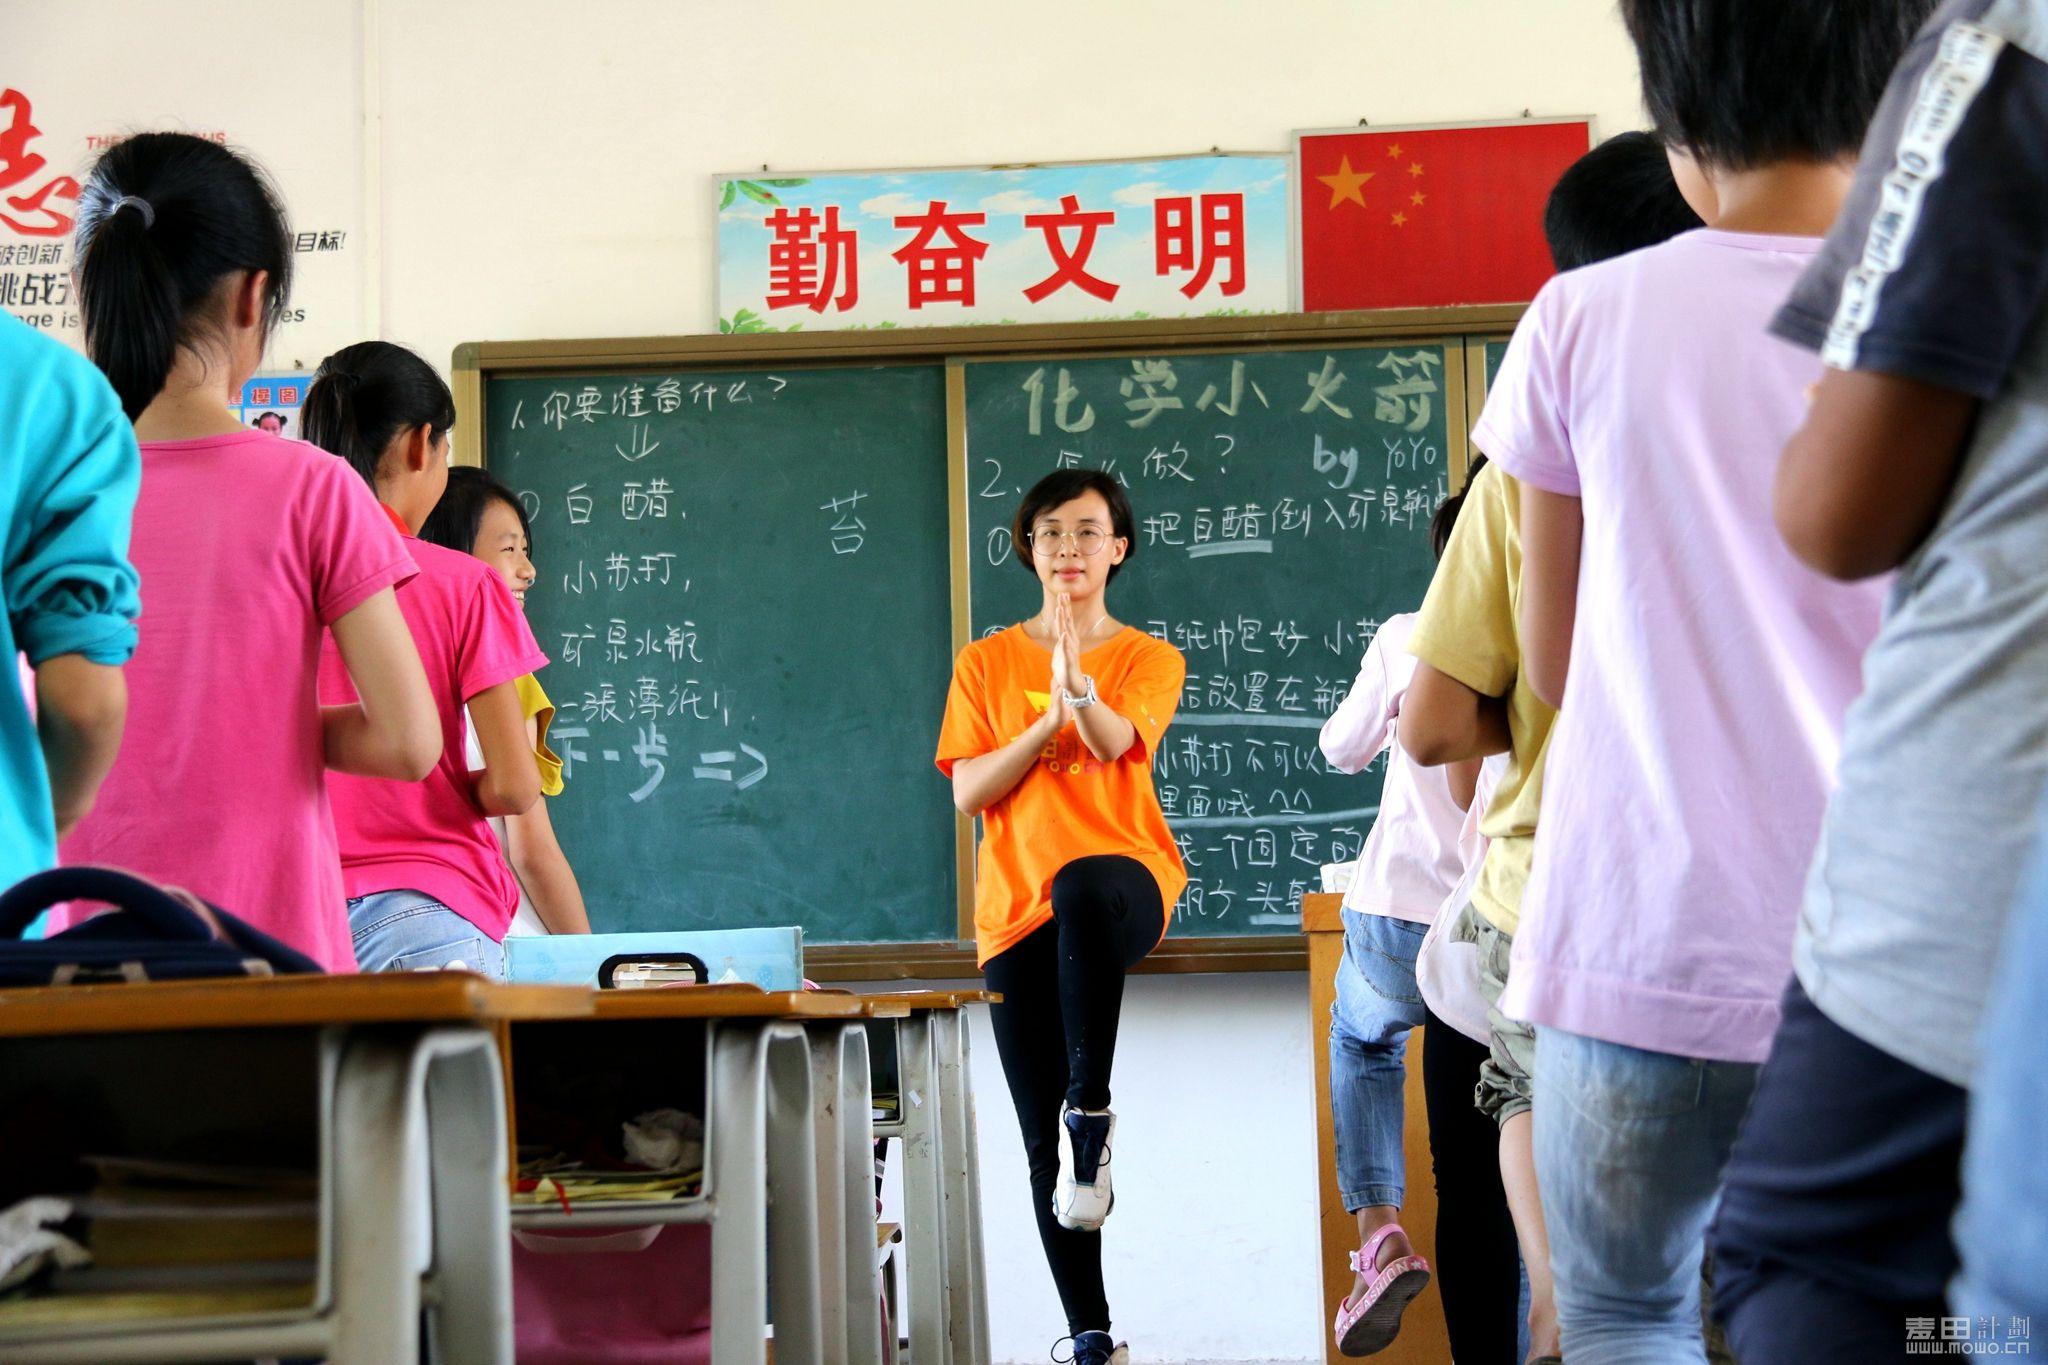 伟业铝途-彩虹课程助学行第二期 (15).JPG